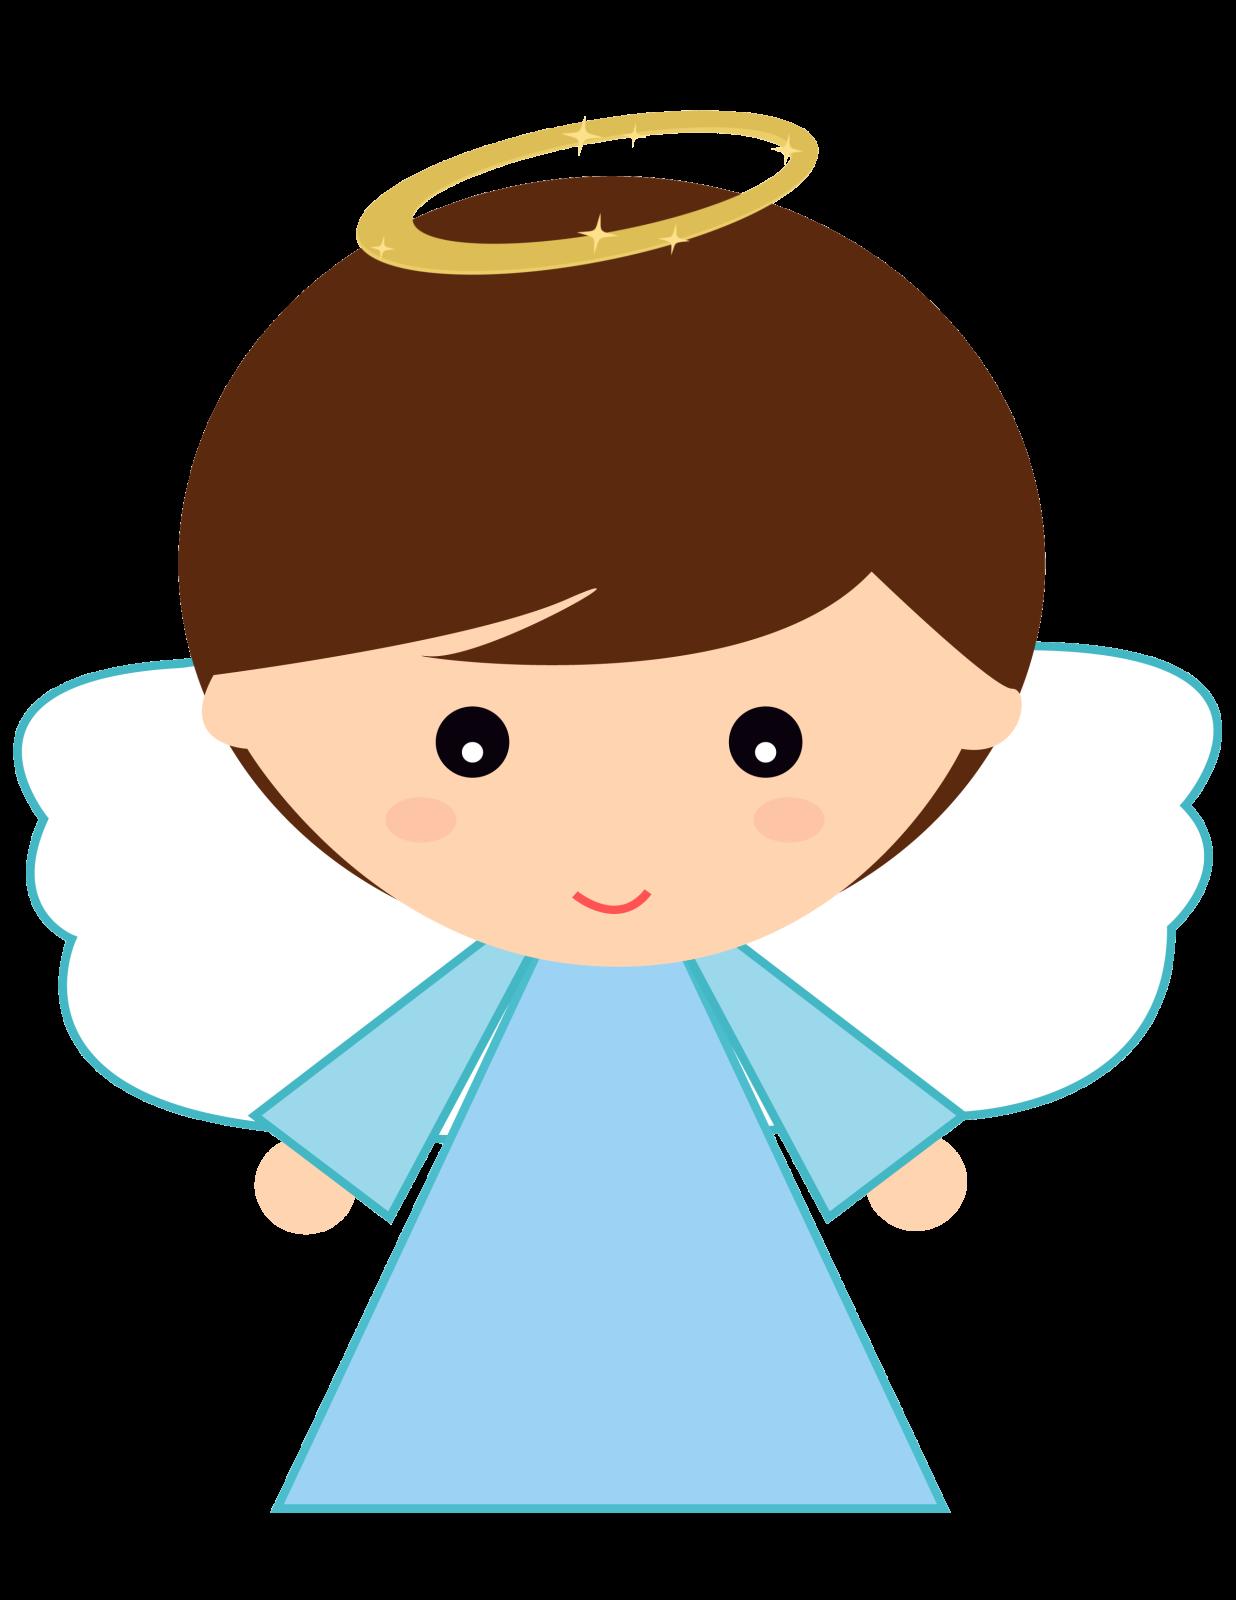 ☆·.·´¯`·.·☆La Casita de Vero☆·.·´¯`·.·☆: Imagenes para bautizo.